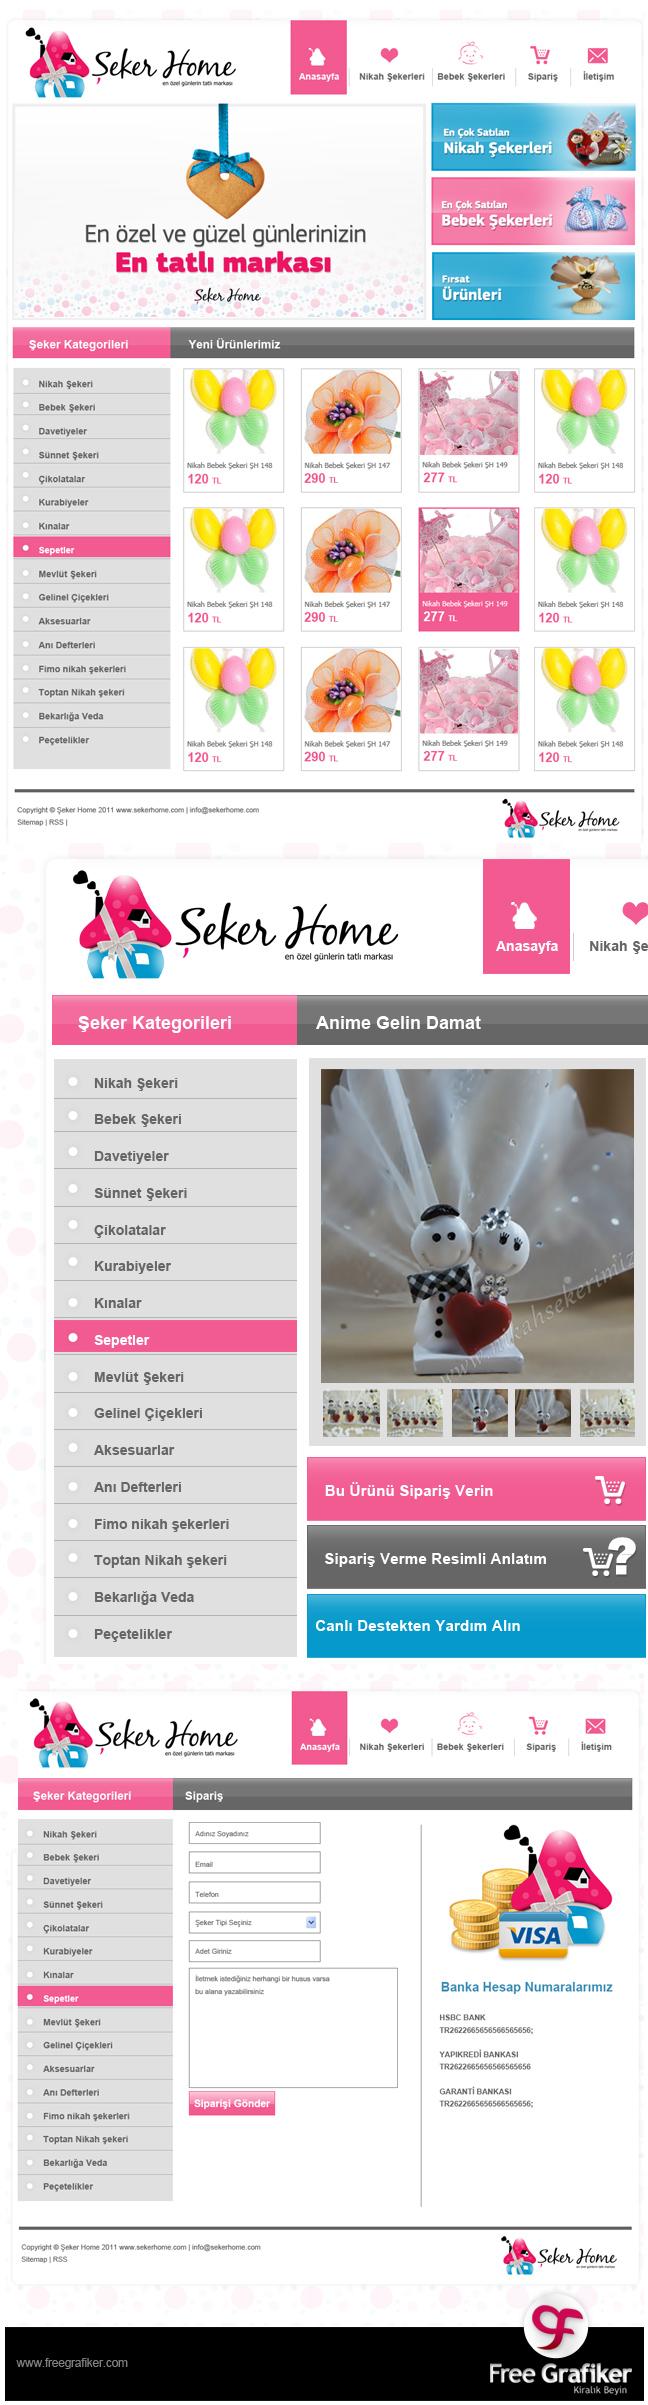 Şeker Home e ticaret sitesi tasarımı